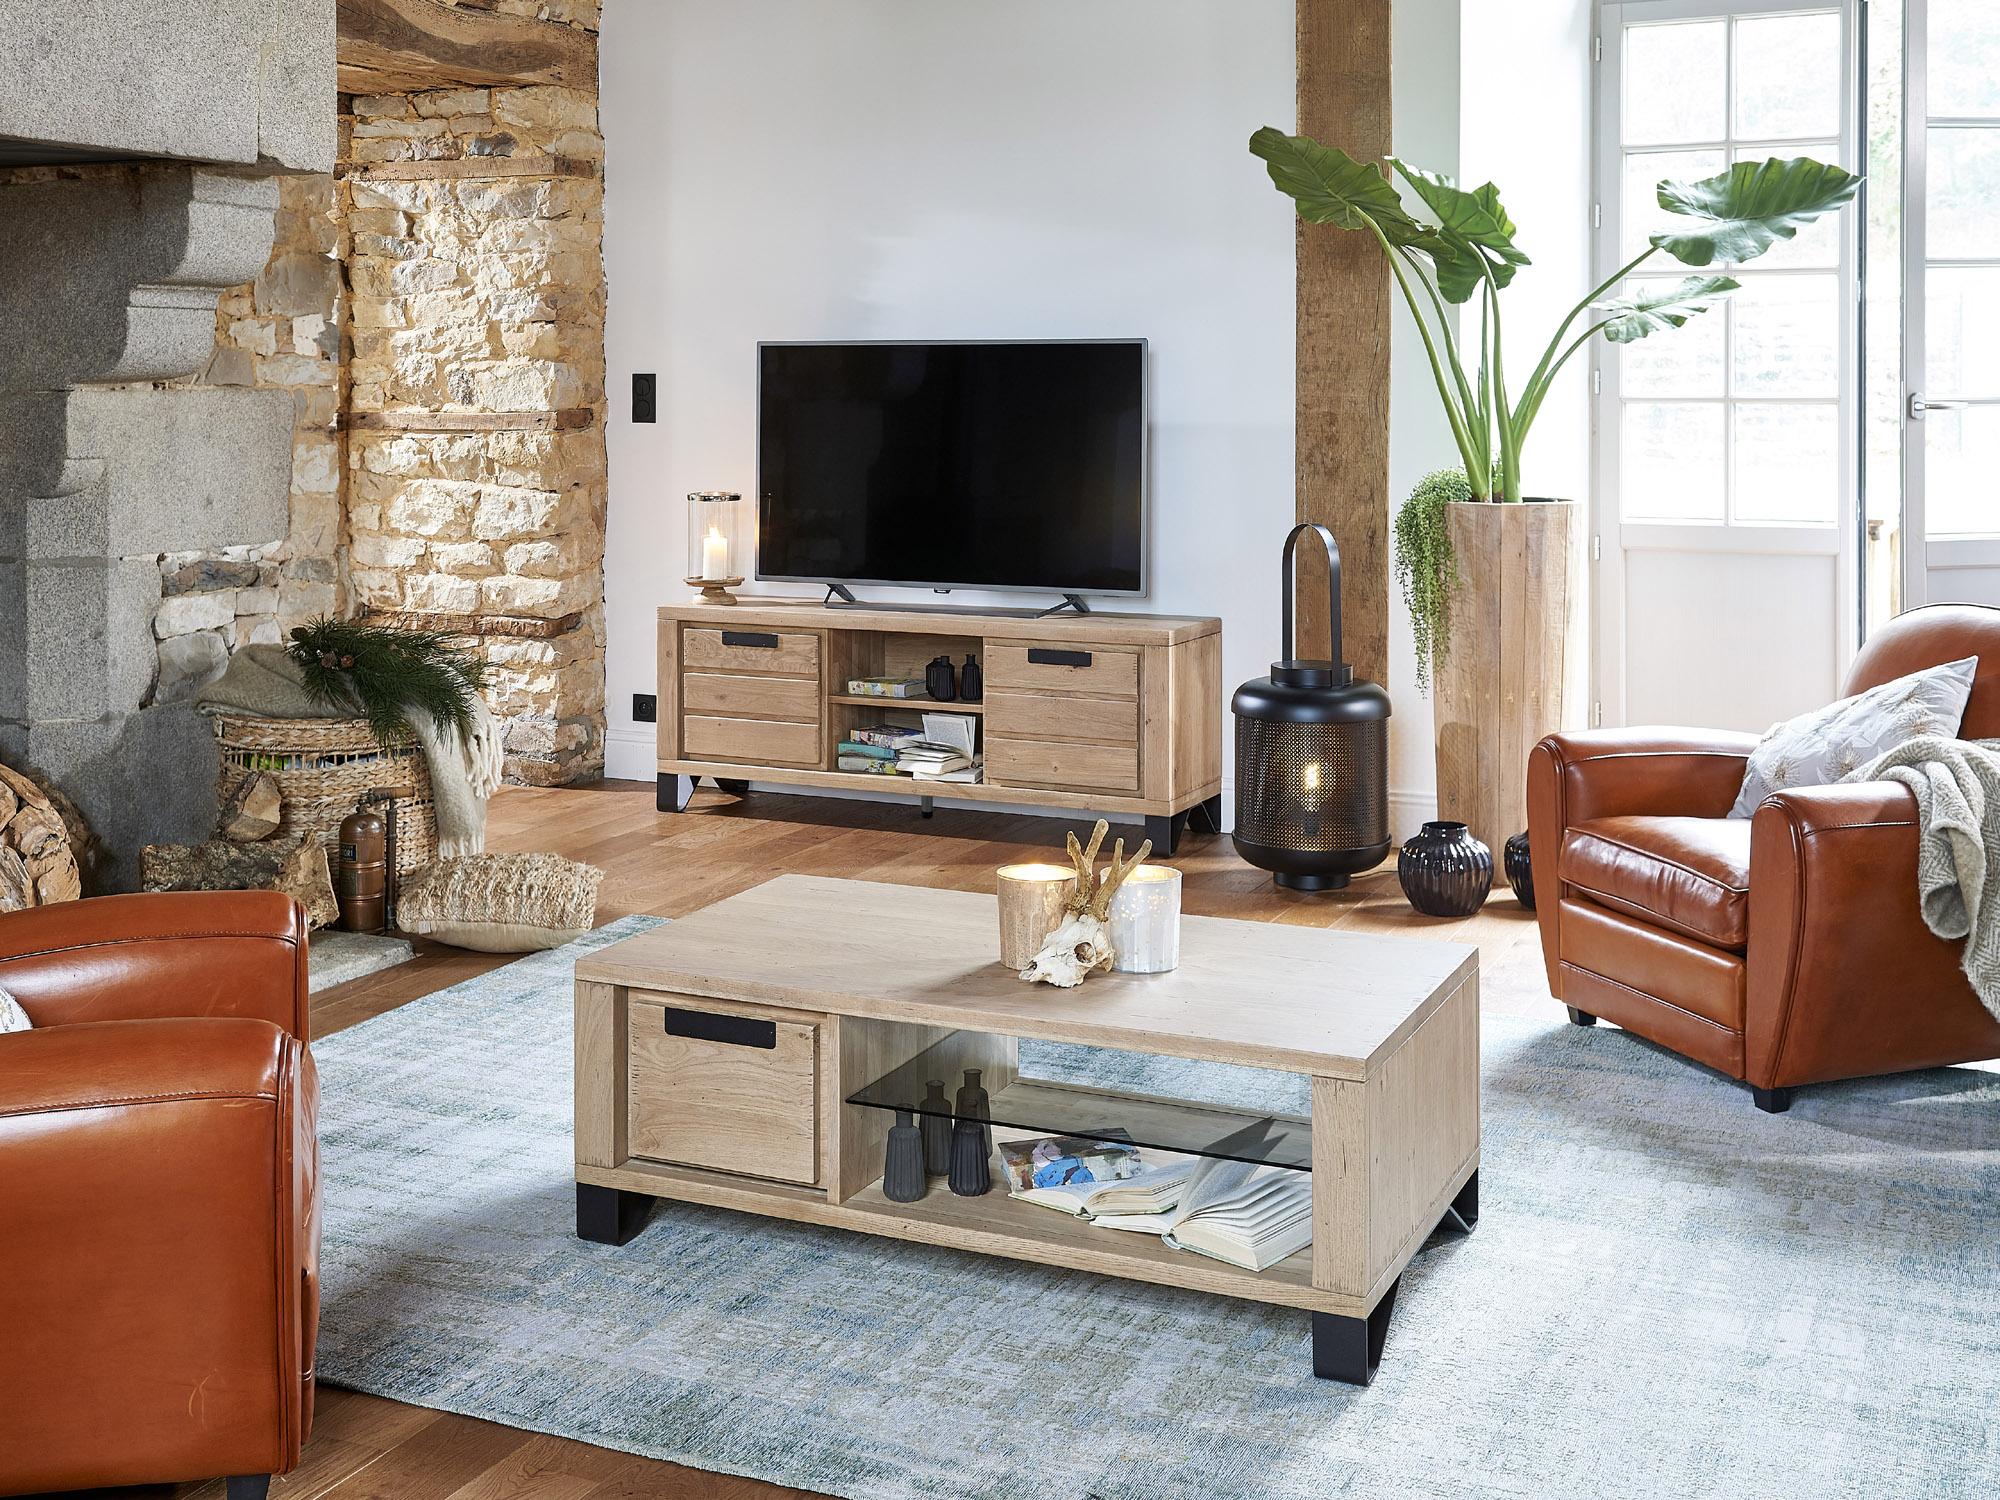 meubles-sejour-hudson-chene-massif-ateliers-de-langres